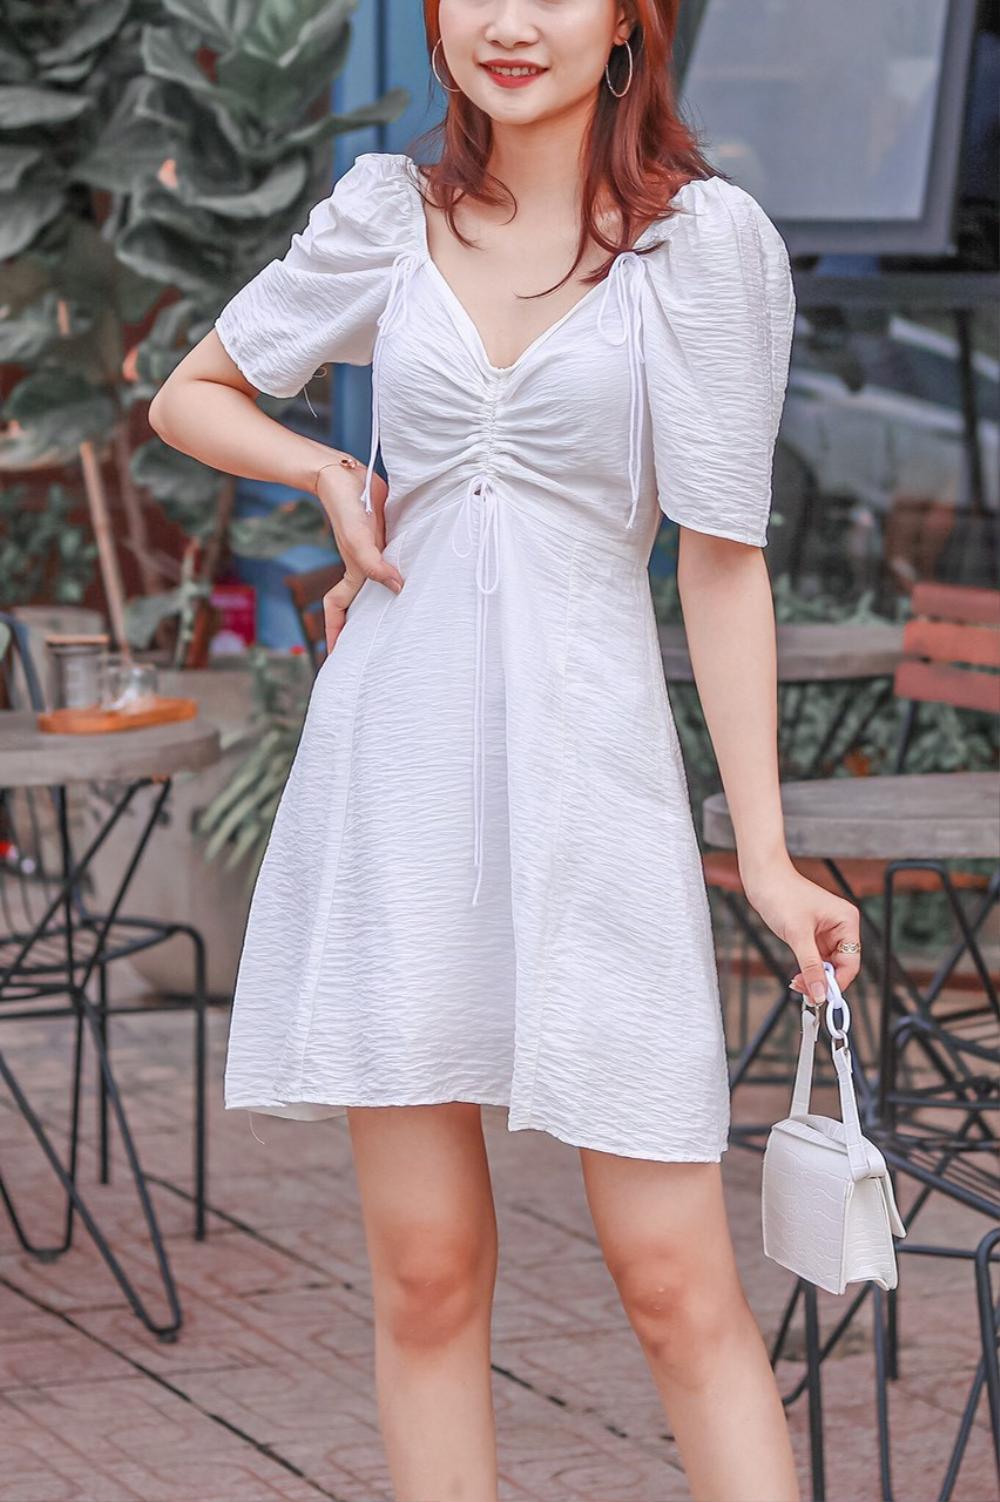 Kim Closet - Xu thế thời trang nữ 2021 Ảnh 2